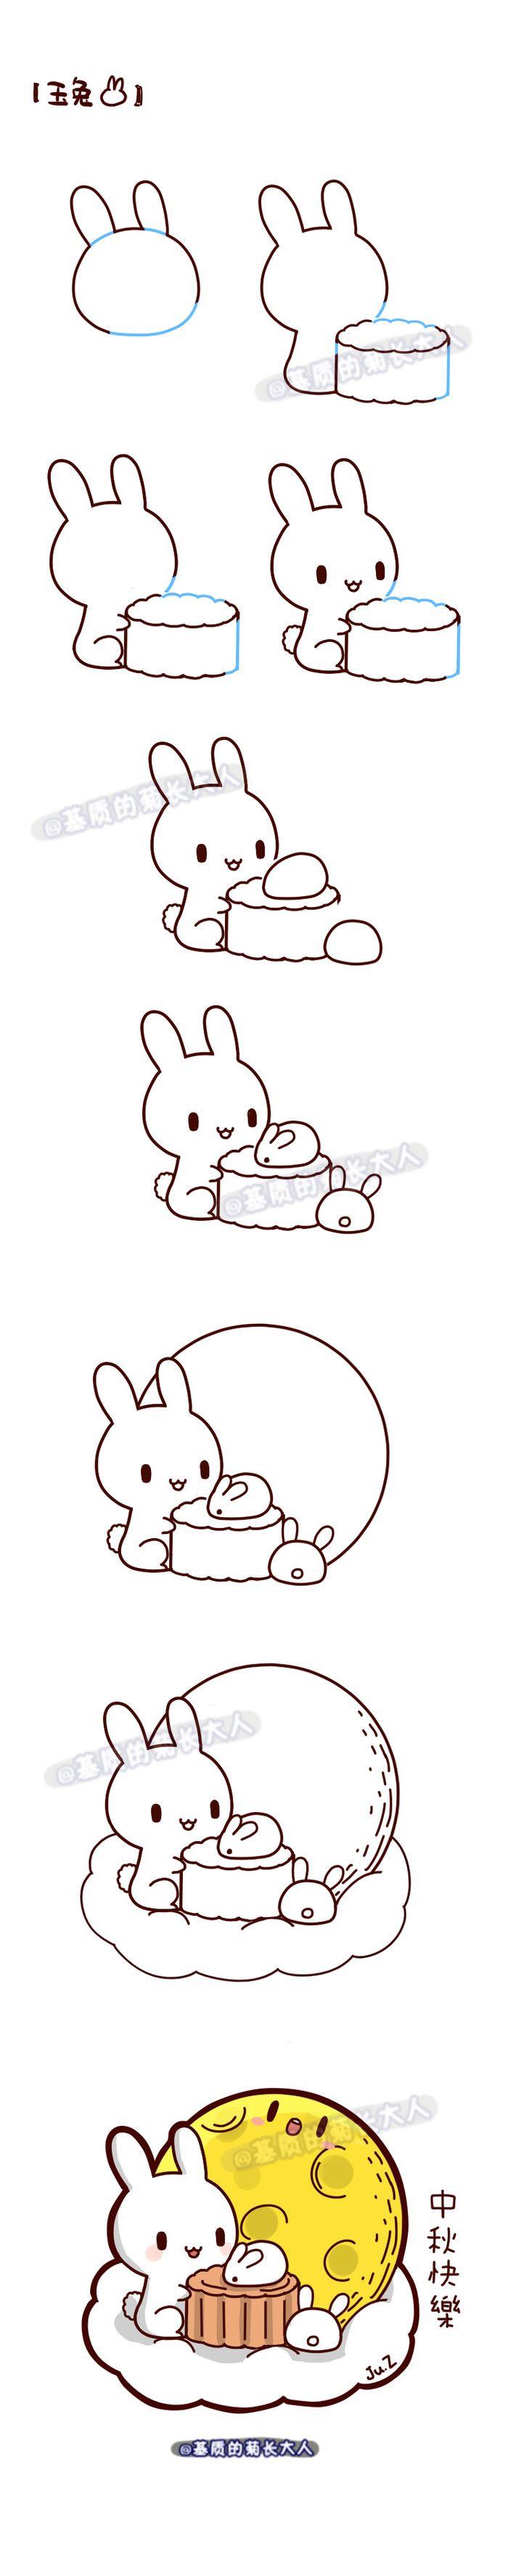 画一只玉兔,祝大家中秋节快乐,来自@基质的菊长大人